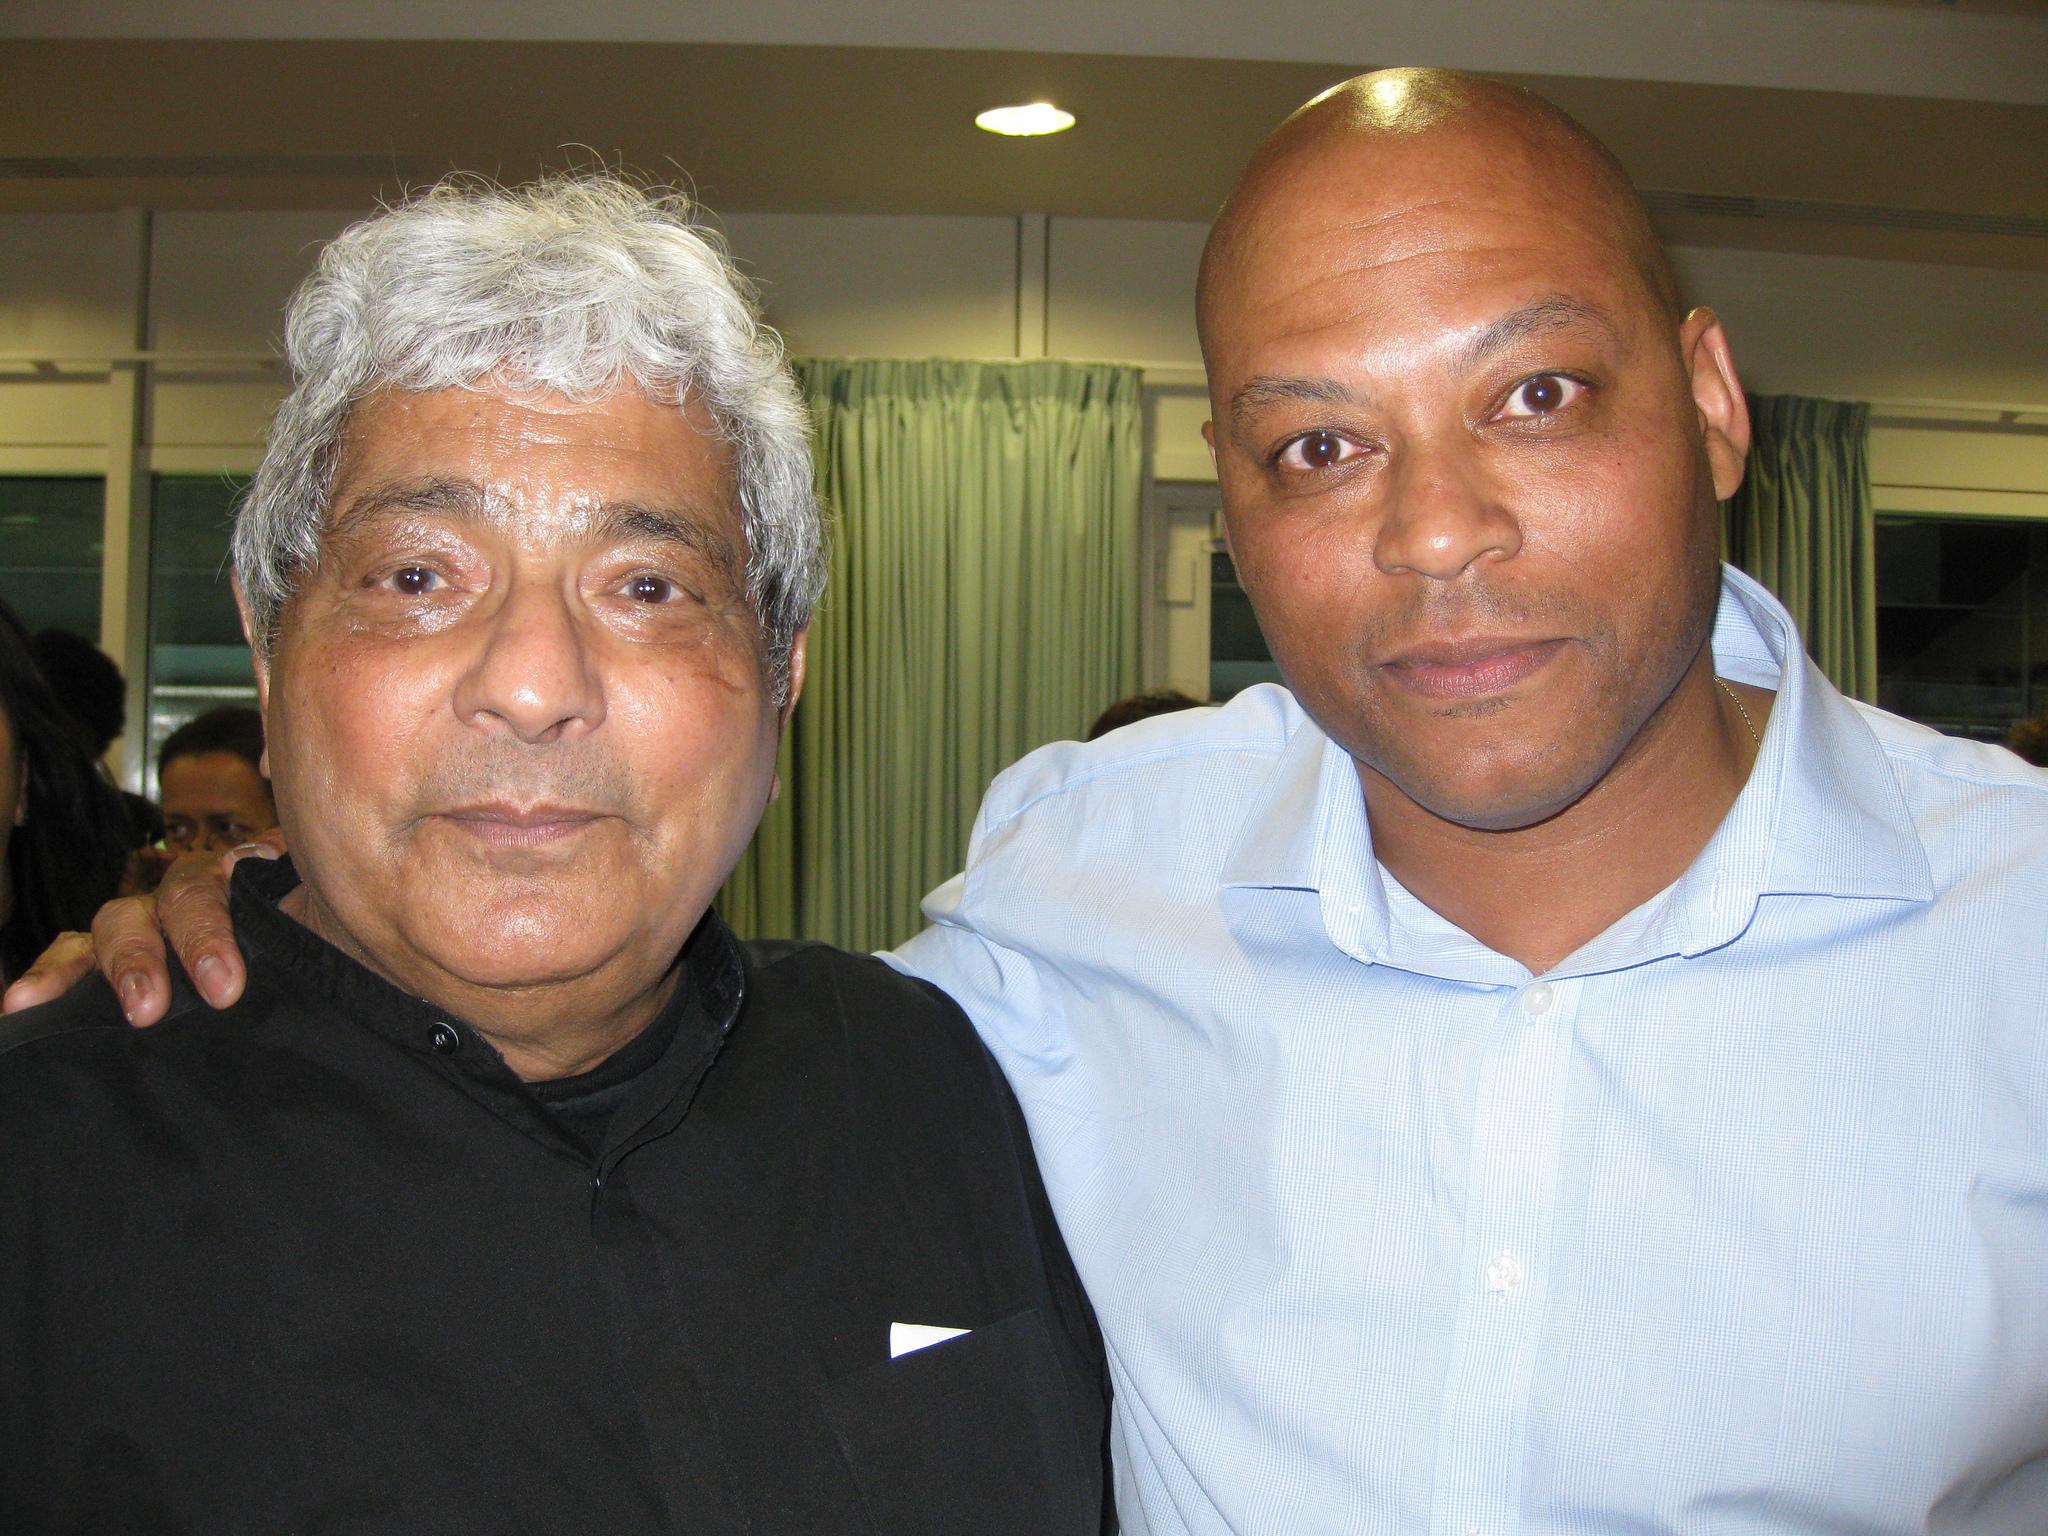 Arif Ali and Colin Babb